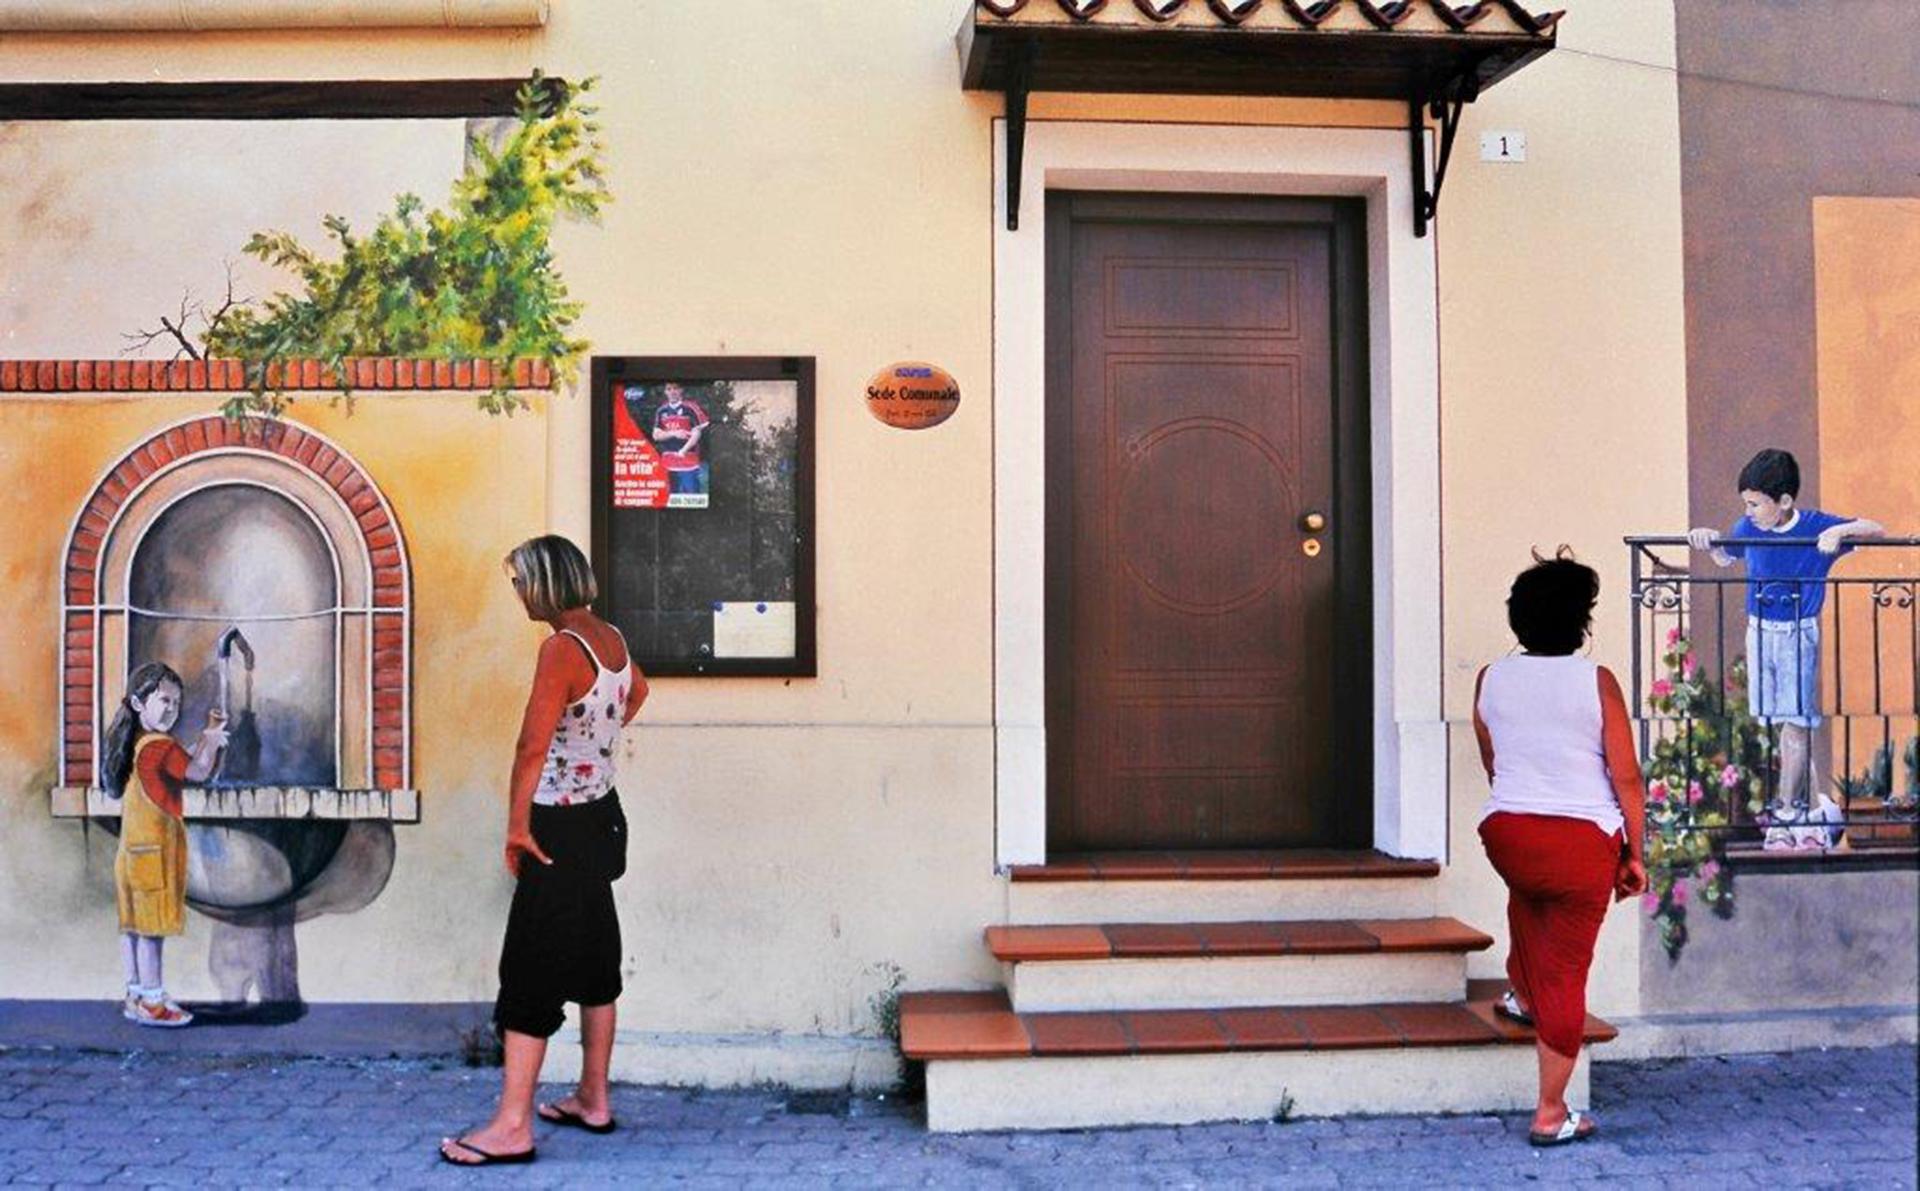 OTTAVA  Foto n° 6 BRUNERO LUCARINI – Conversazioni molto tenere, educate, attenzioni rivolte con gentilezza a due bambini che qualcuno ha generati sulle pareti pittoricamente. L'immagine è costruita molto bene da sembrare un colloquio vero, brave le due a